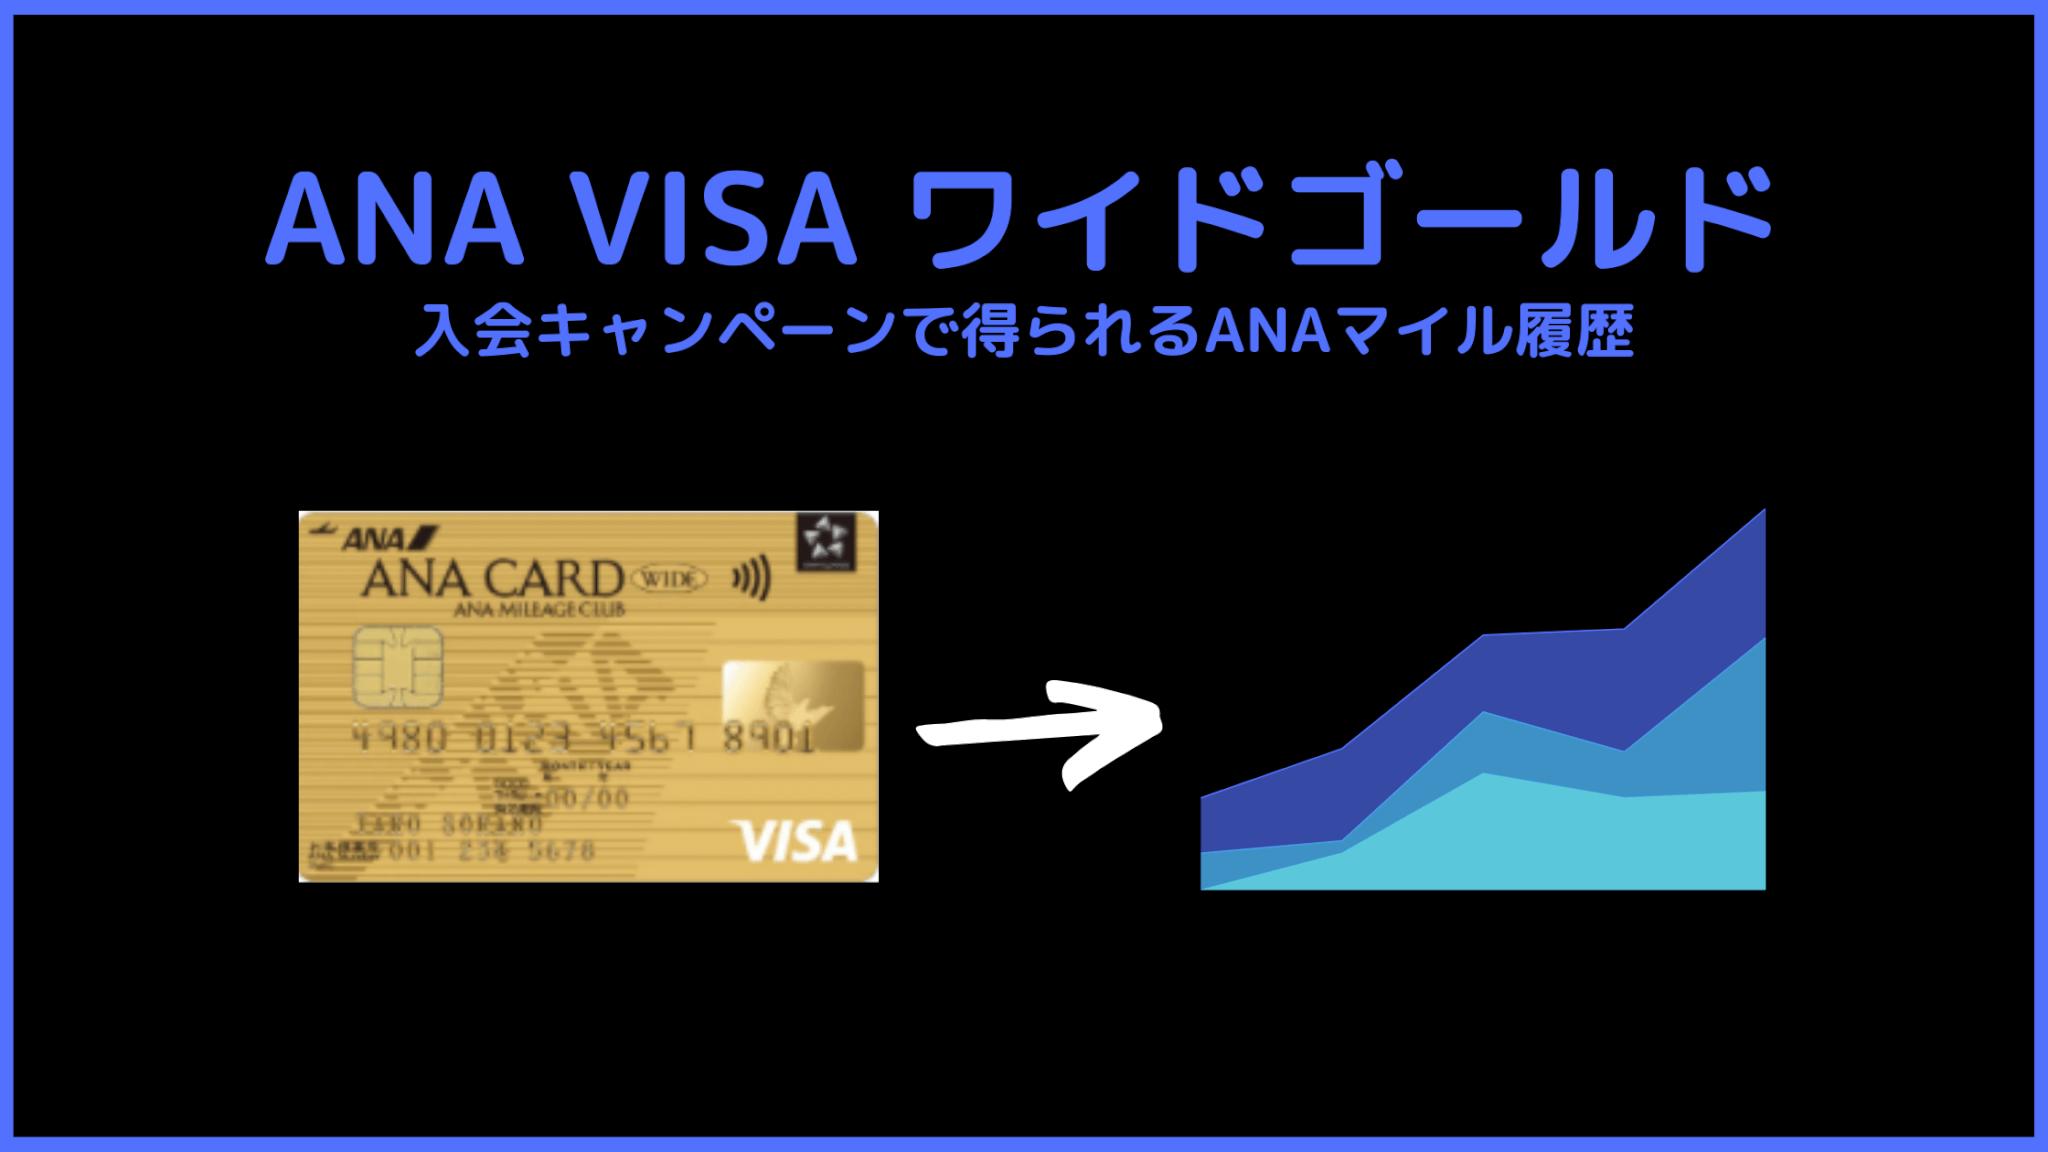 【必見】超貴重!ANA VISAワイドゴールドの入会キャンペーン履歴